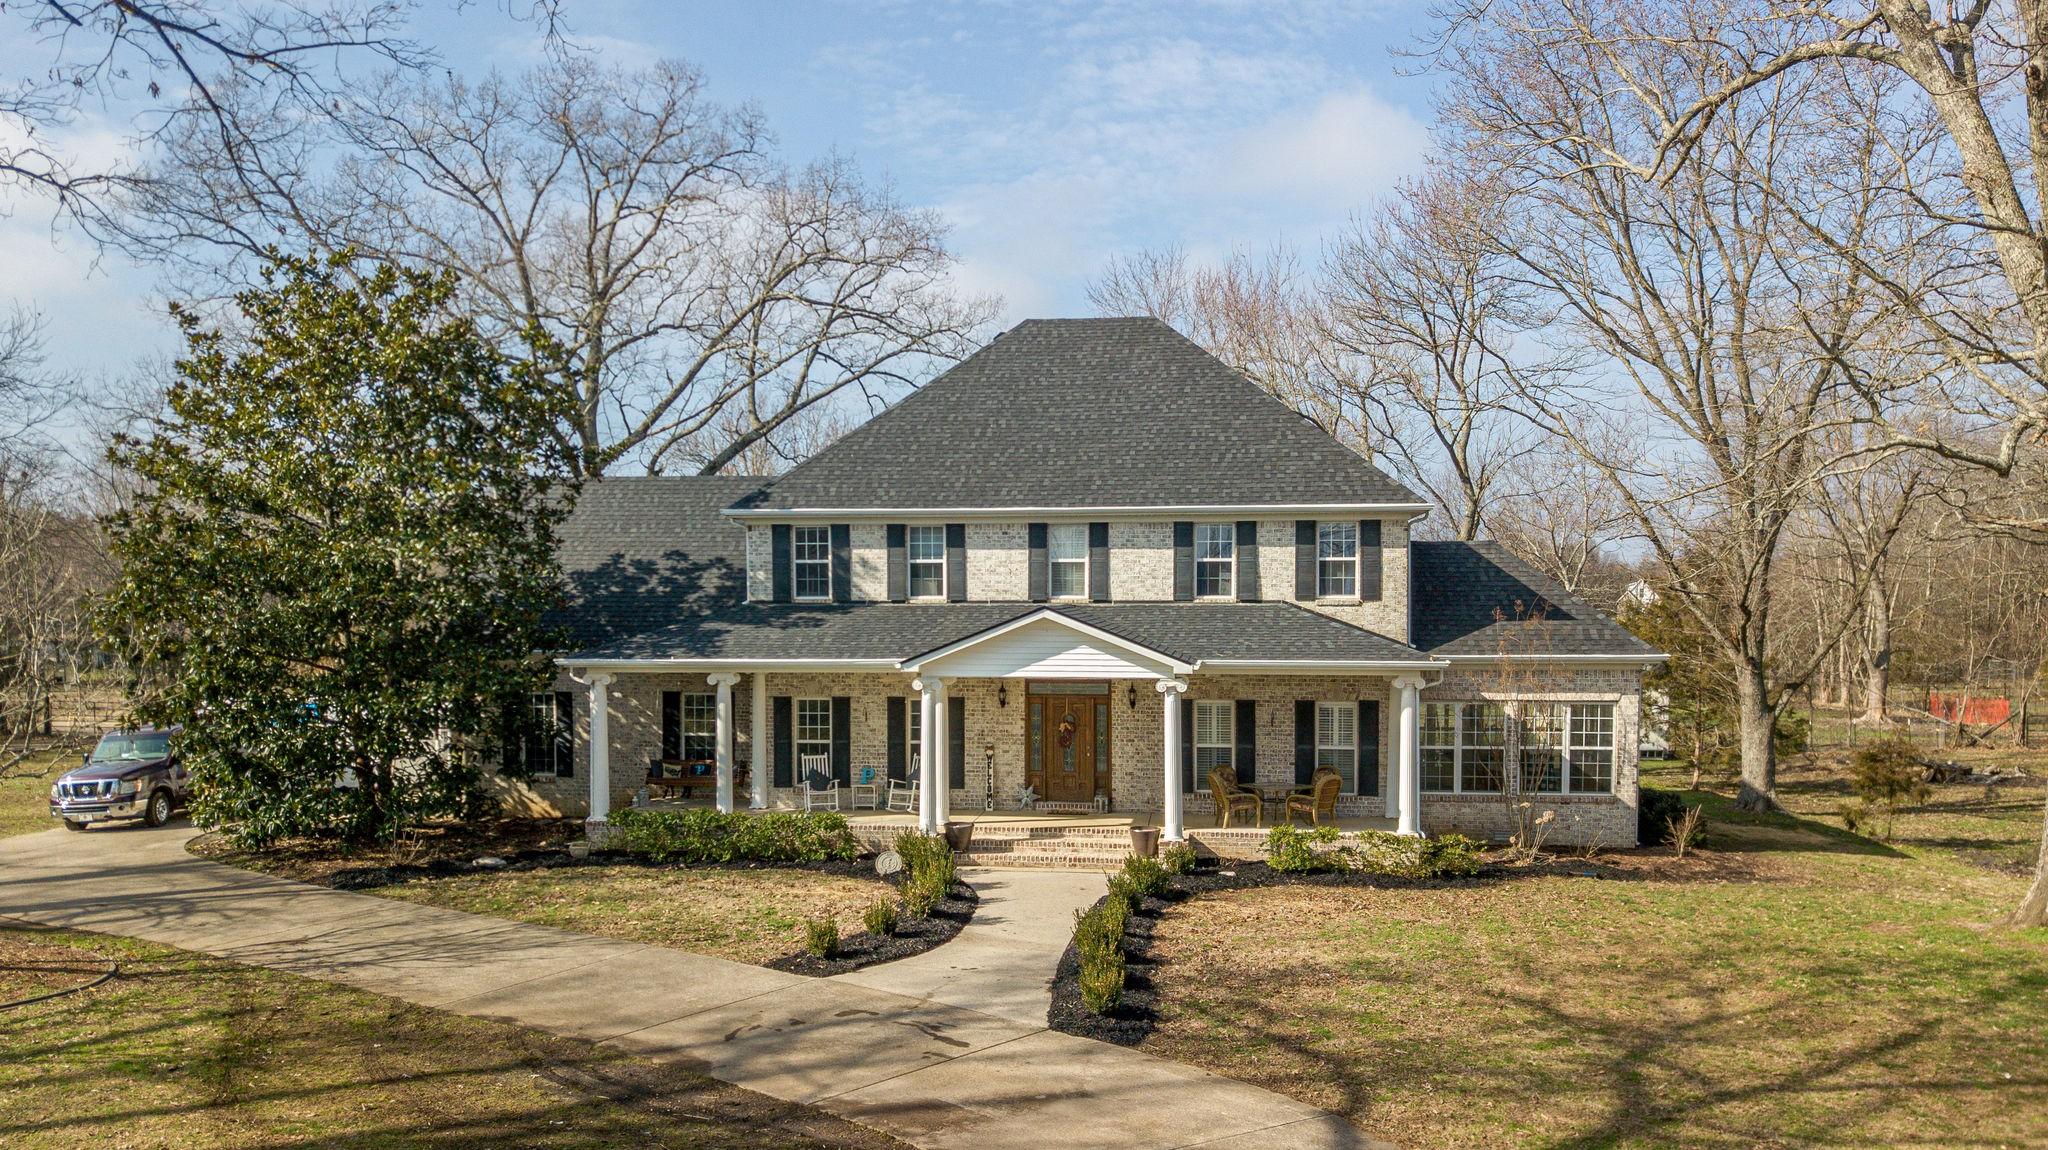 4652 Barfield Crescent Rd, Murfreesboro, TN 37128 - Murfreesboro, TN real estate listing